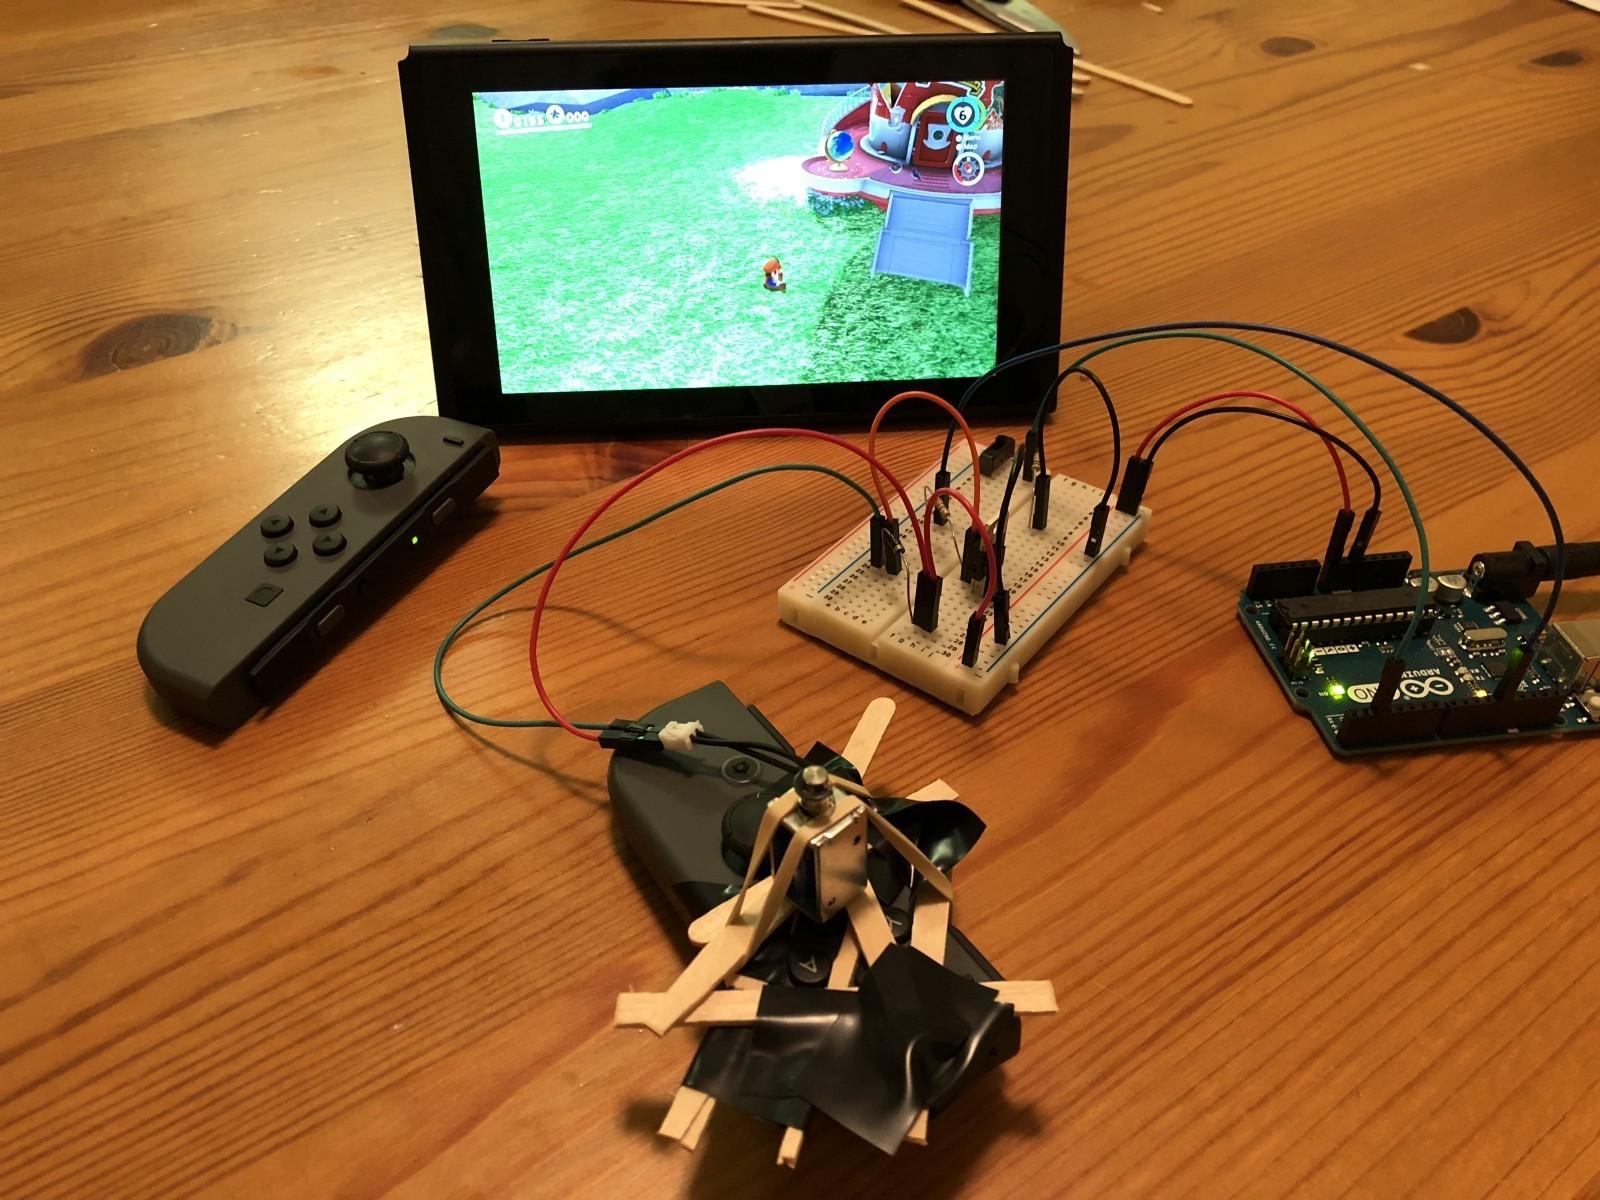 是SWITCH控制器外掛 用Arduino機器人破解瑪利歐奧德賽跳繩比賽這篇文章的首圖